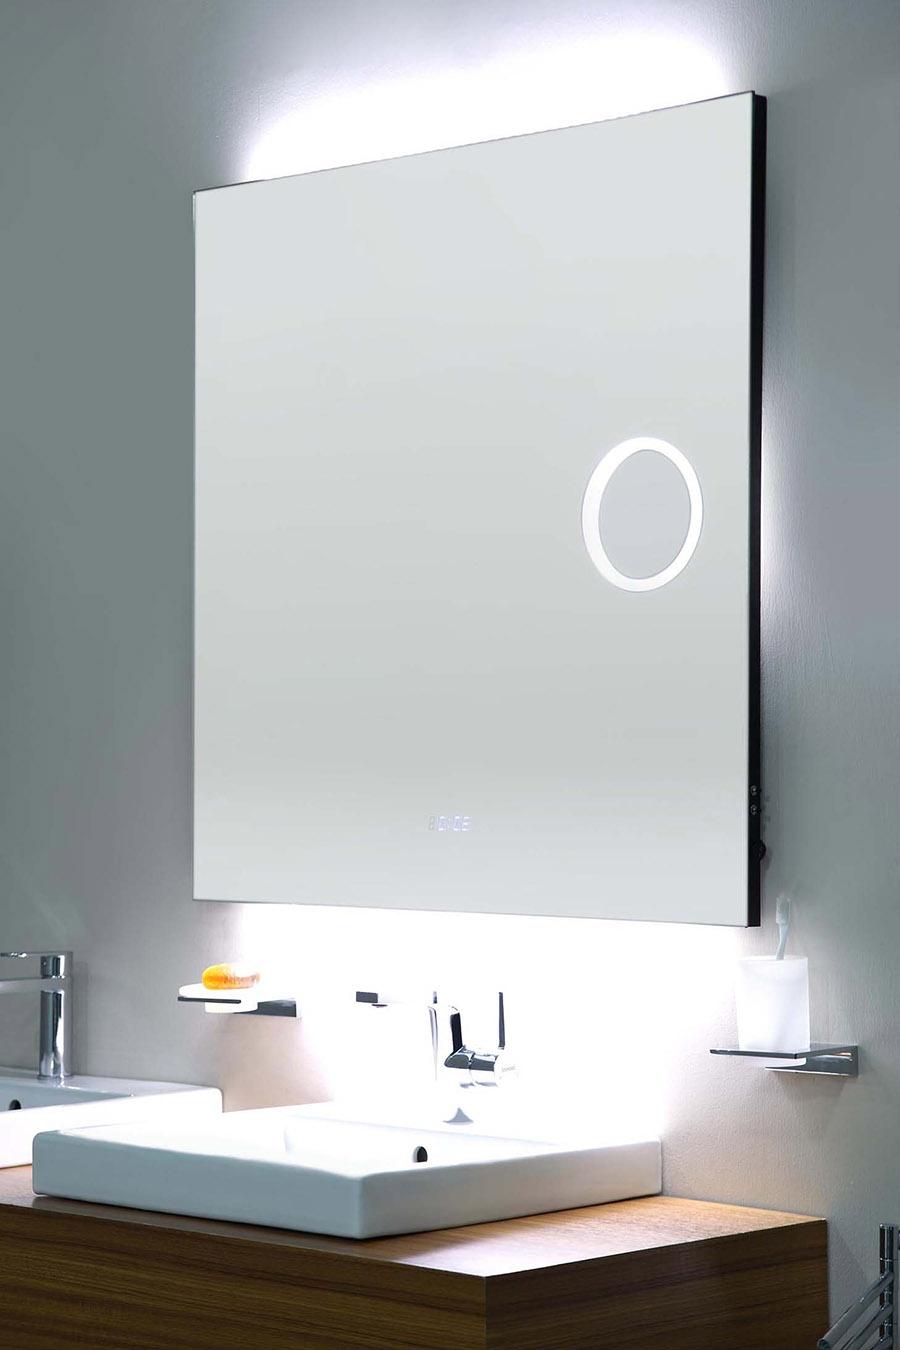 Bathroom Mirror Cabinet With Clock